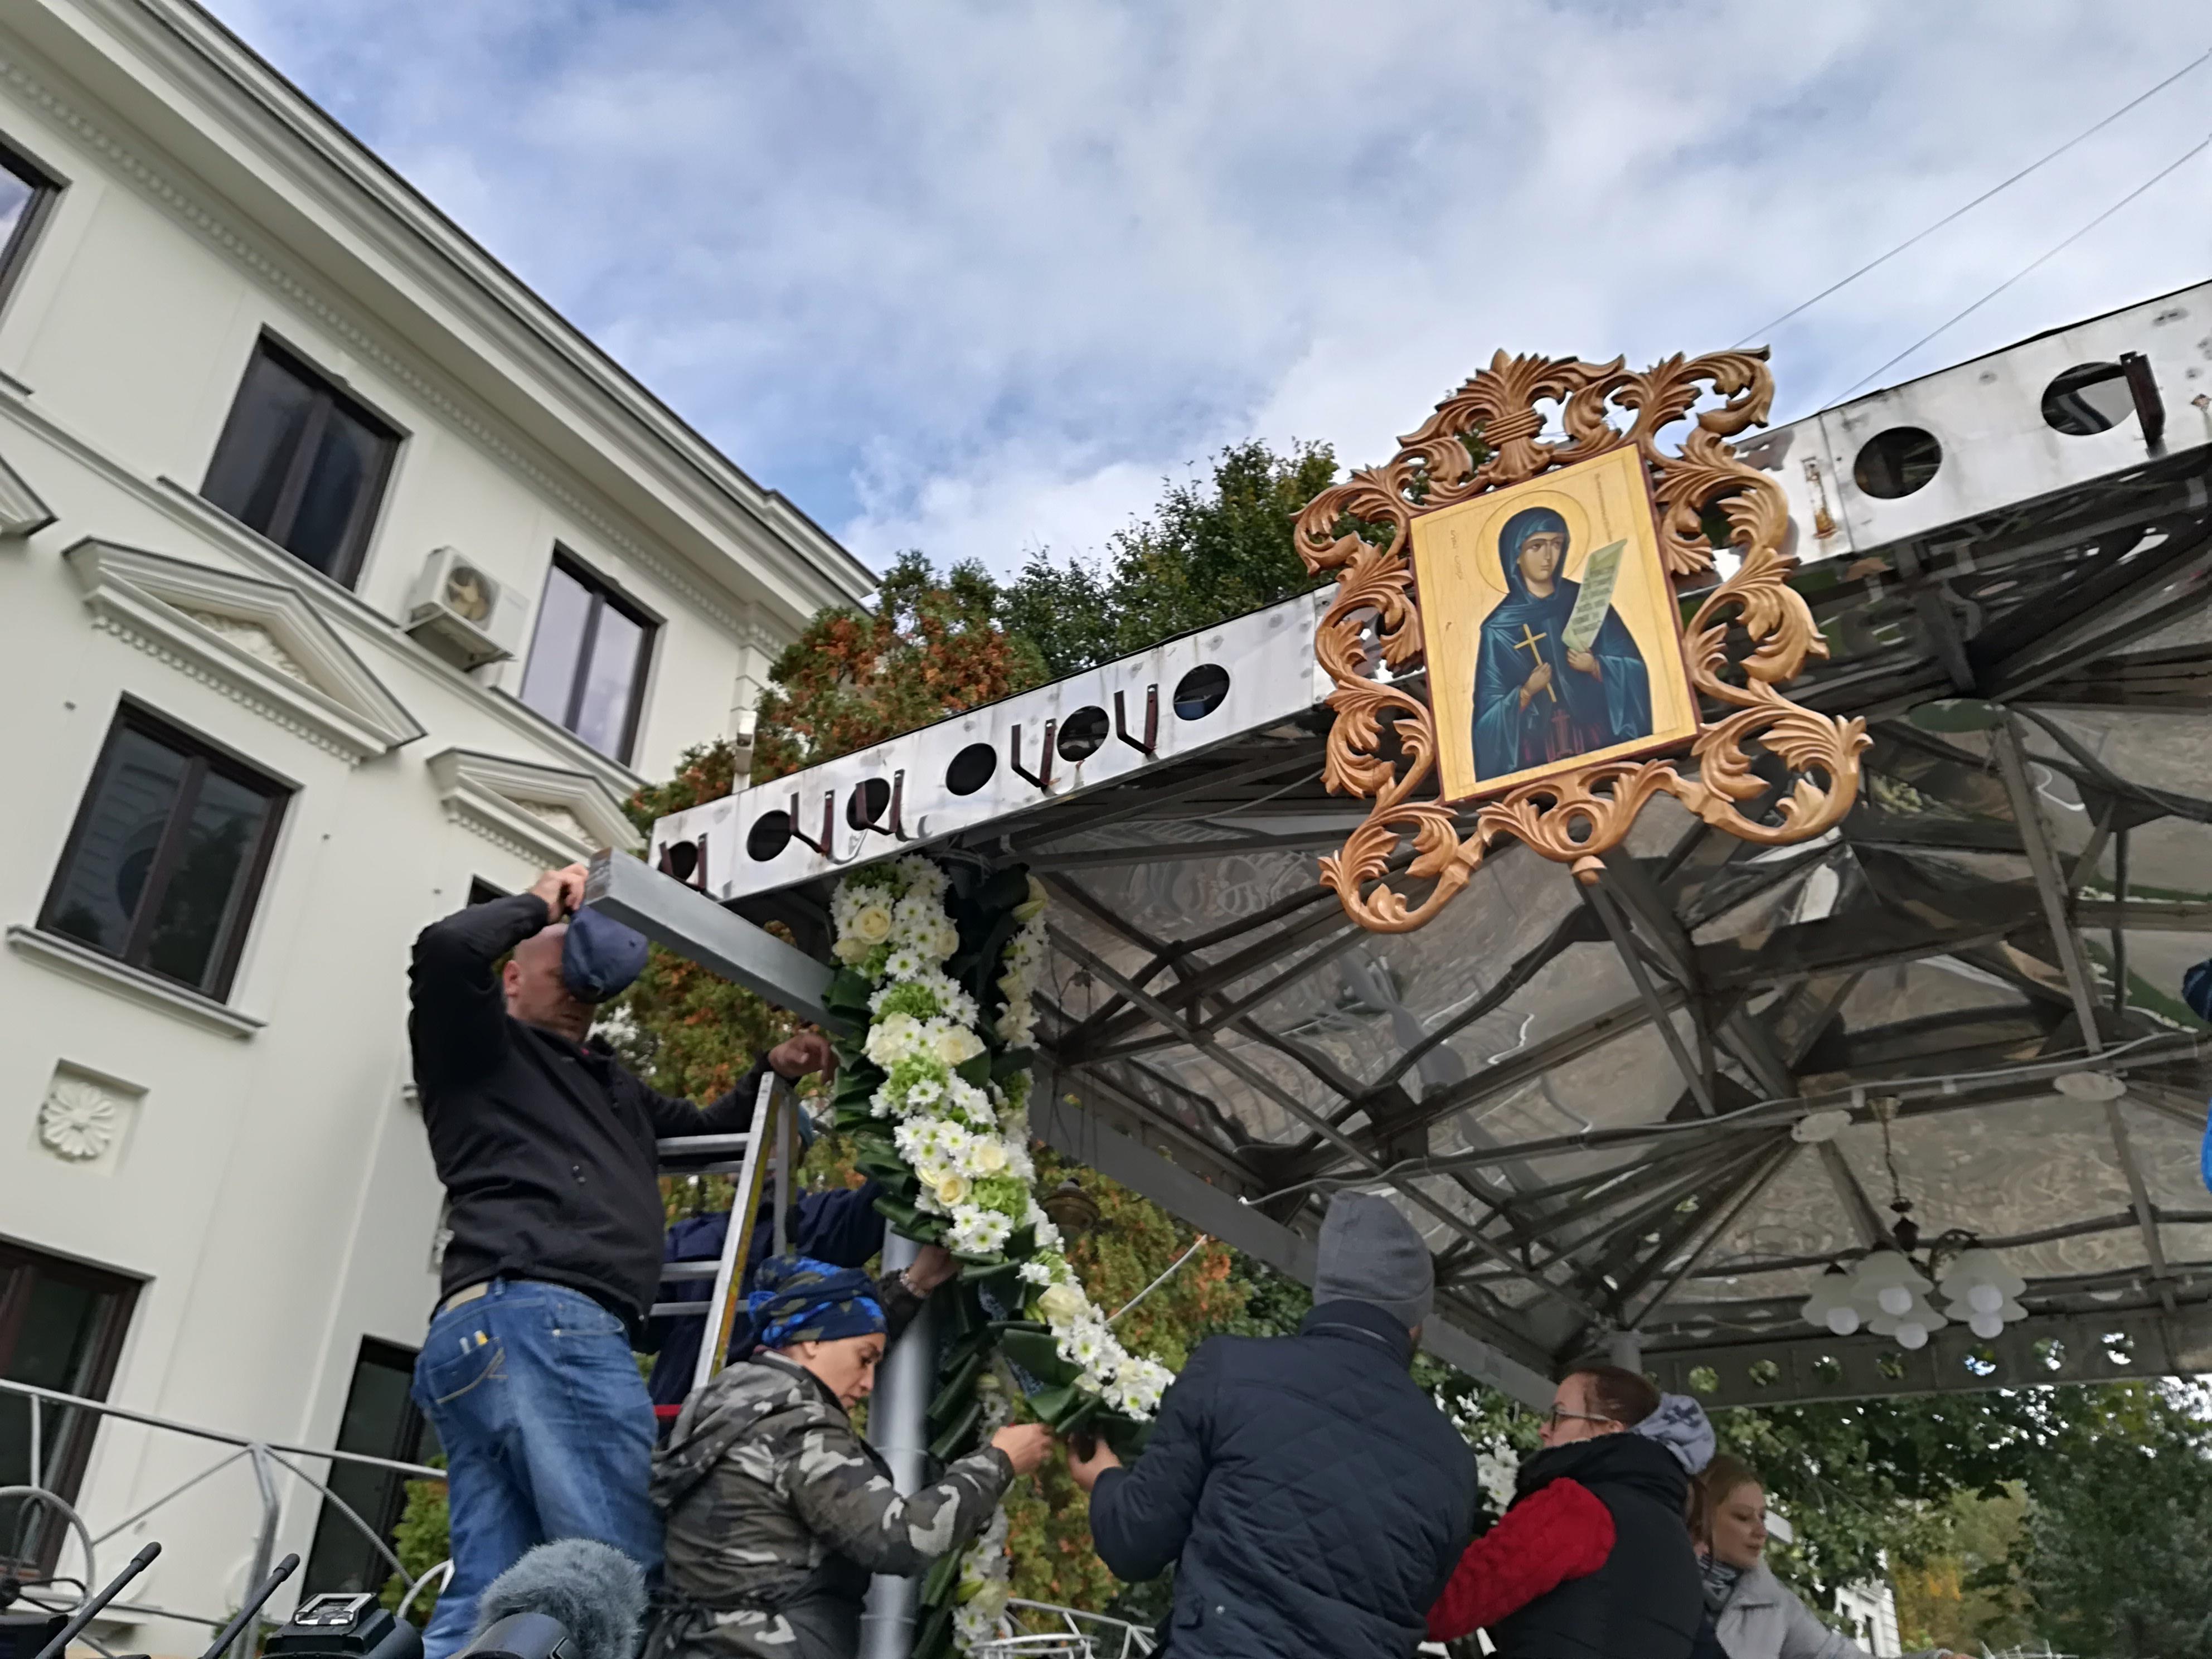 PELERINAJUL Cuvioasei Parascheva: Primii credincioşi au ajuns la Iaşi/ Mii de flori aduse de o familie din Bucureşti, pentru a împodobi catafalcul Sf. Parascheva | GALERIE FOTO